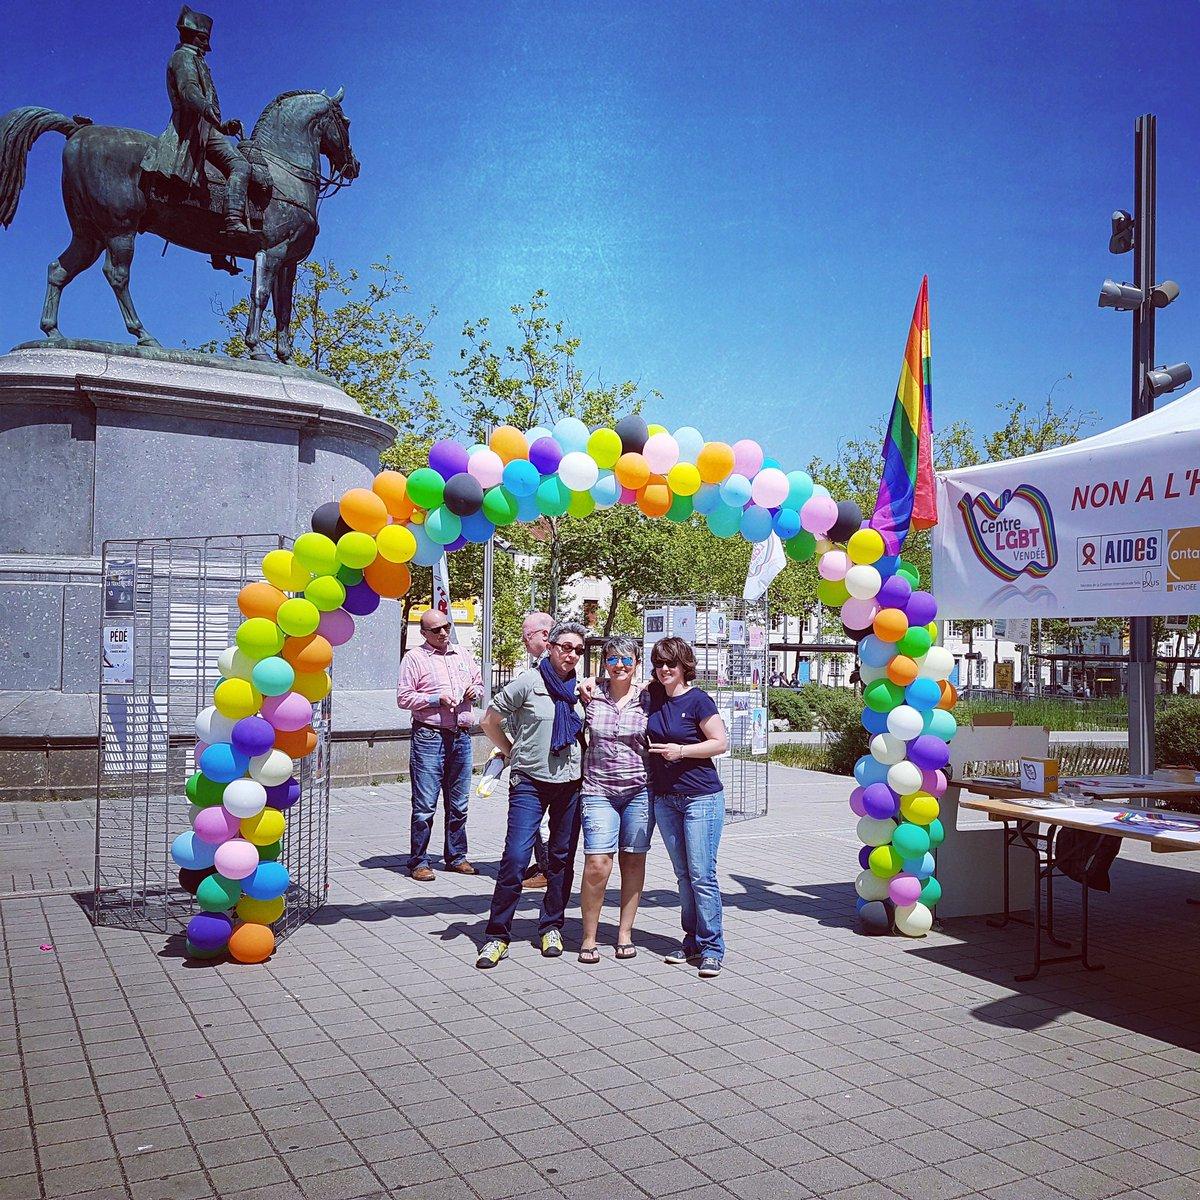 rencontre rencontre gay en ukraine vendée  Ukraine vendée fait de son expérience sa signification du gay